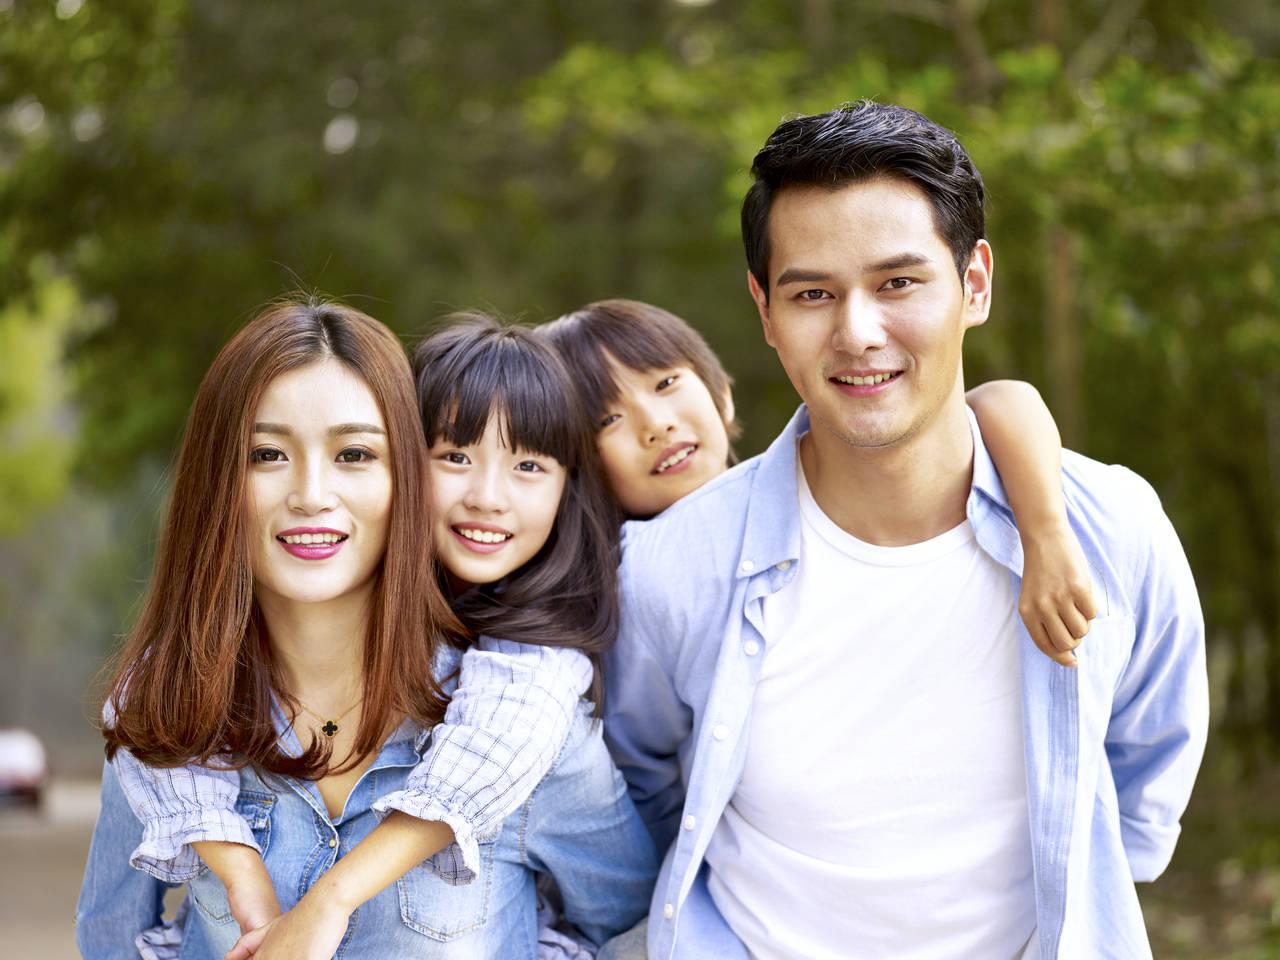 中国の子育て事情を知ろう!日本との違いやバイリンガル教育